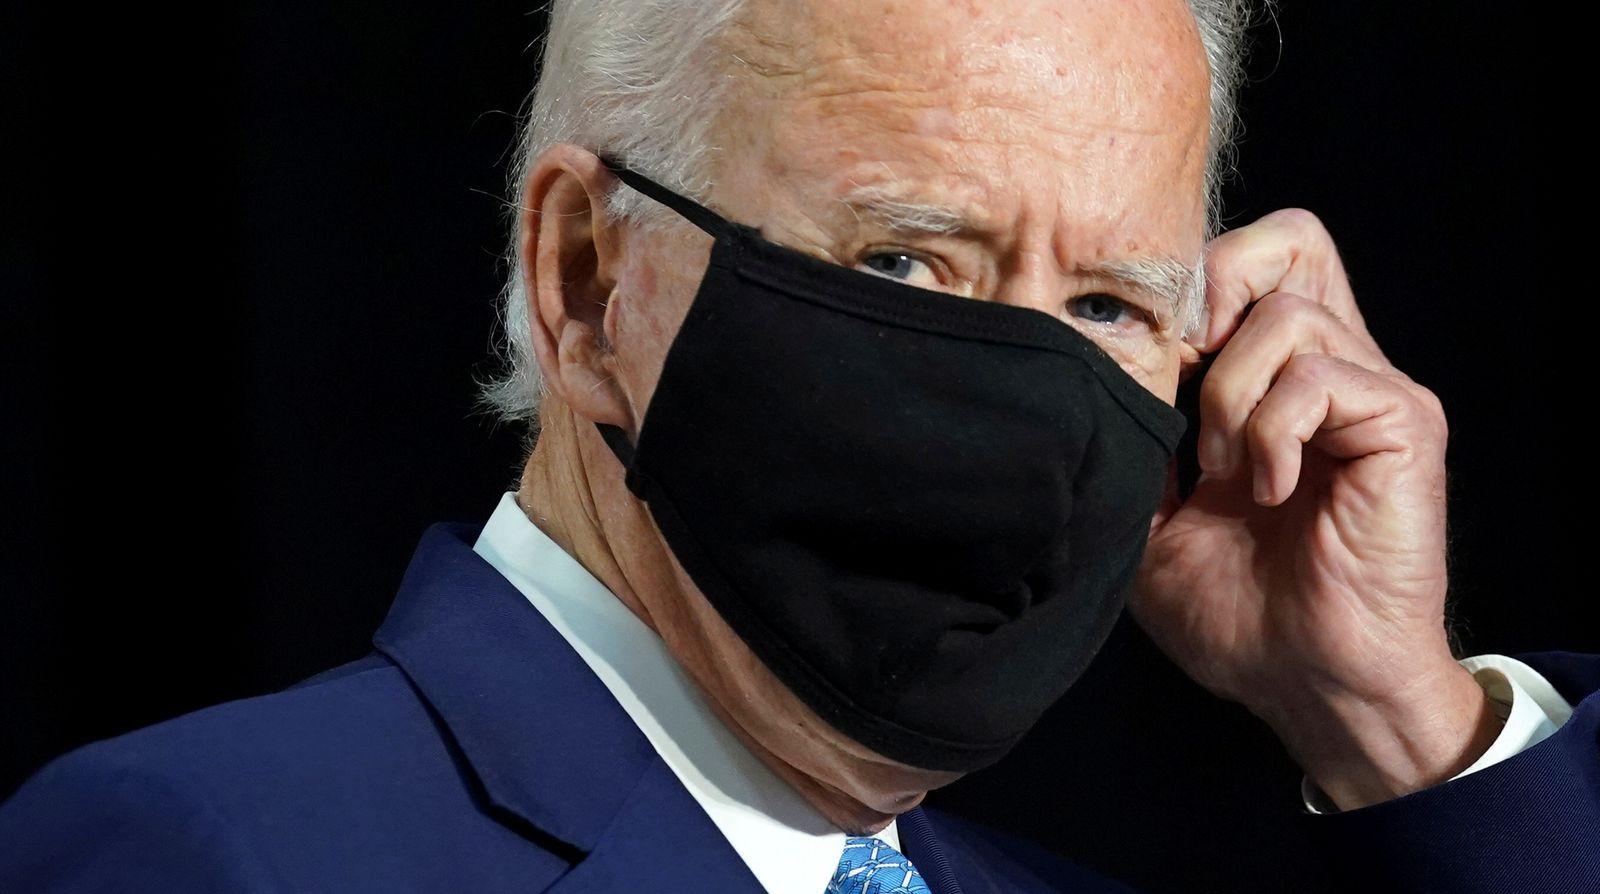 Joe Biden campaigns in Wilmington, Delaware